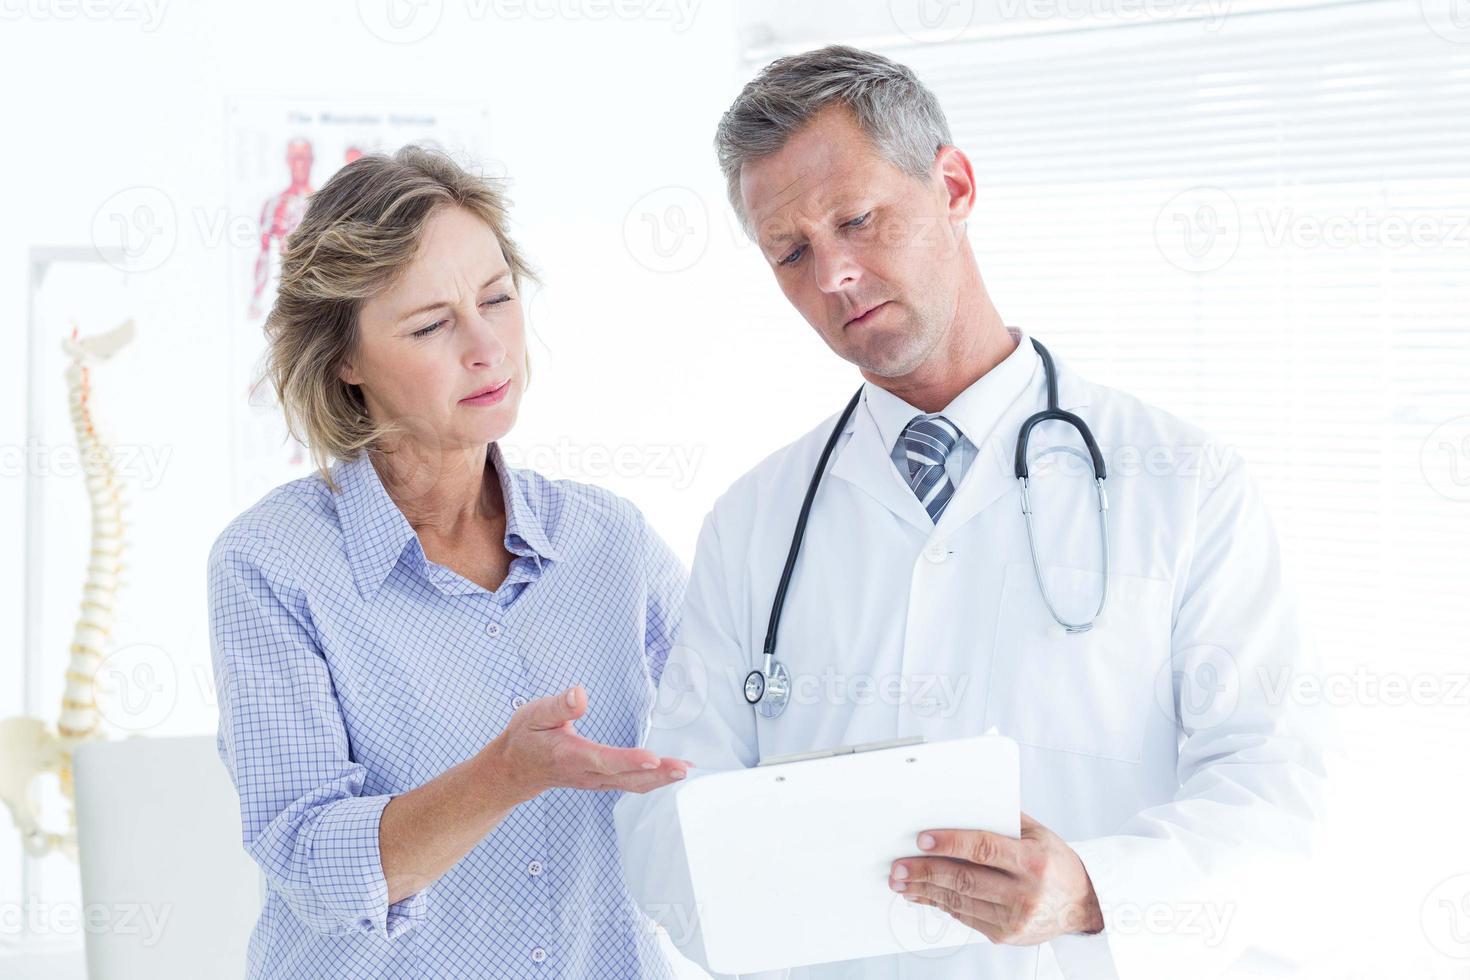 médecin montrant ses notes au patient photo